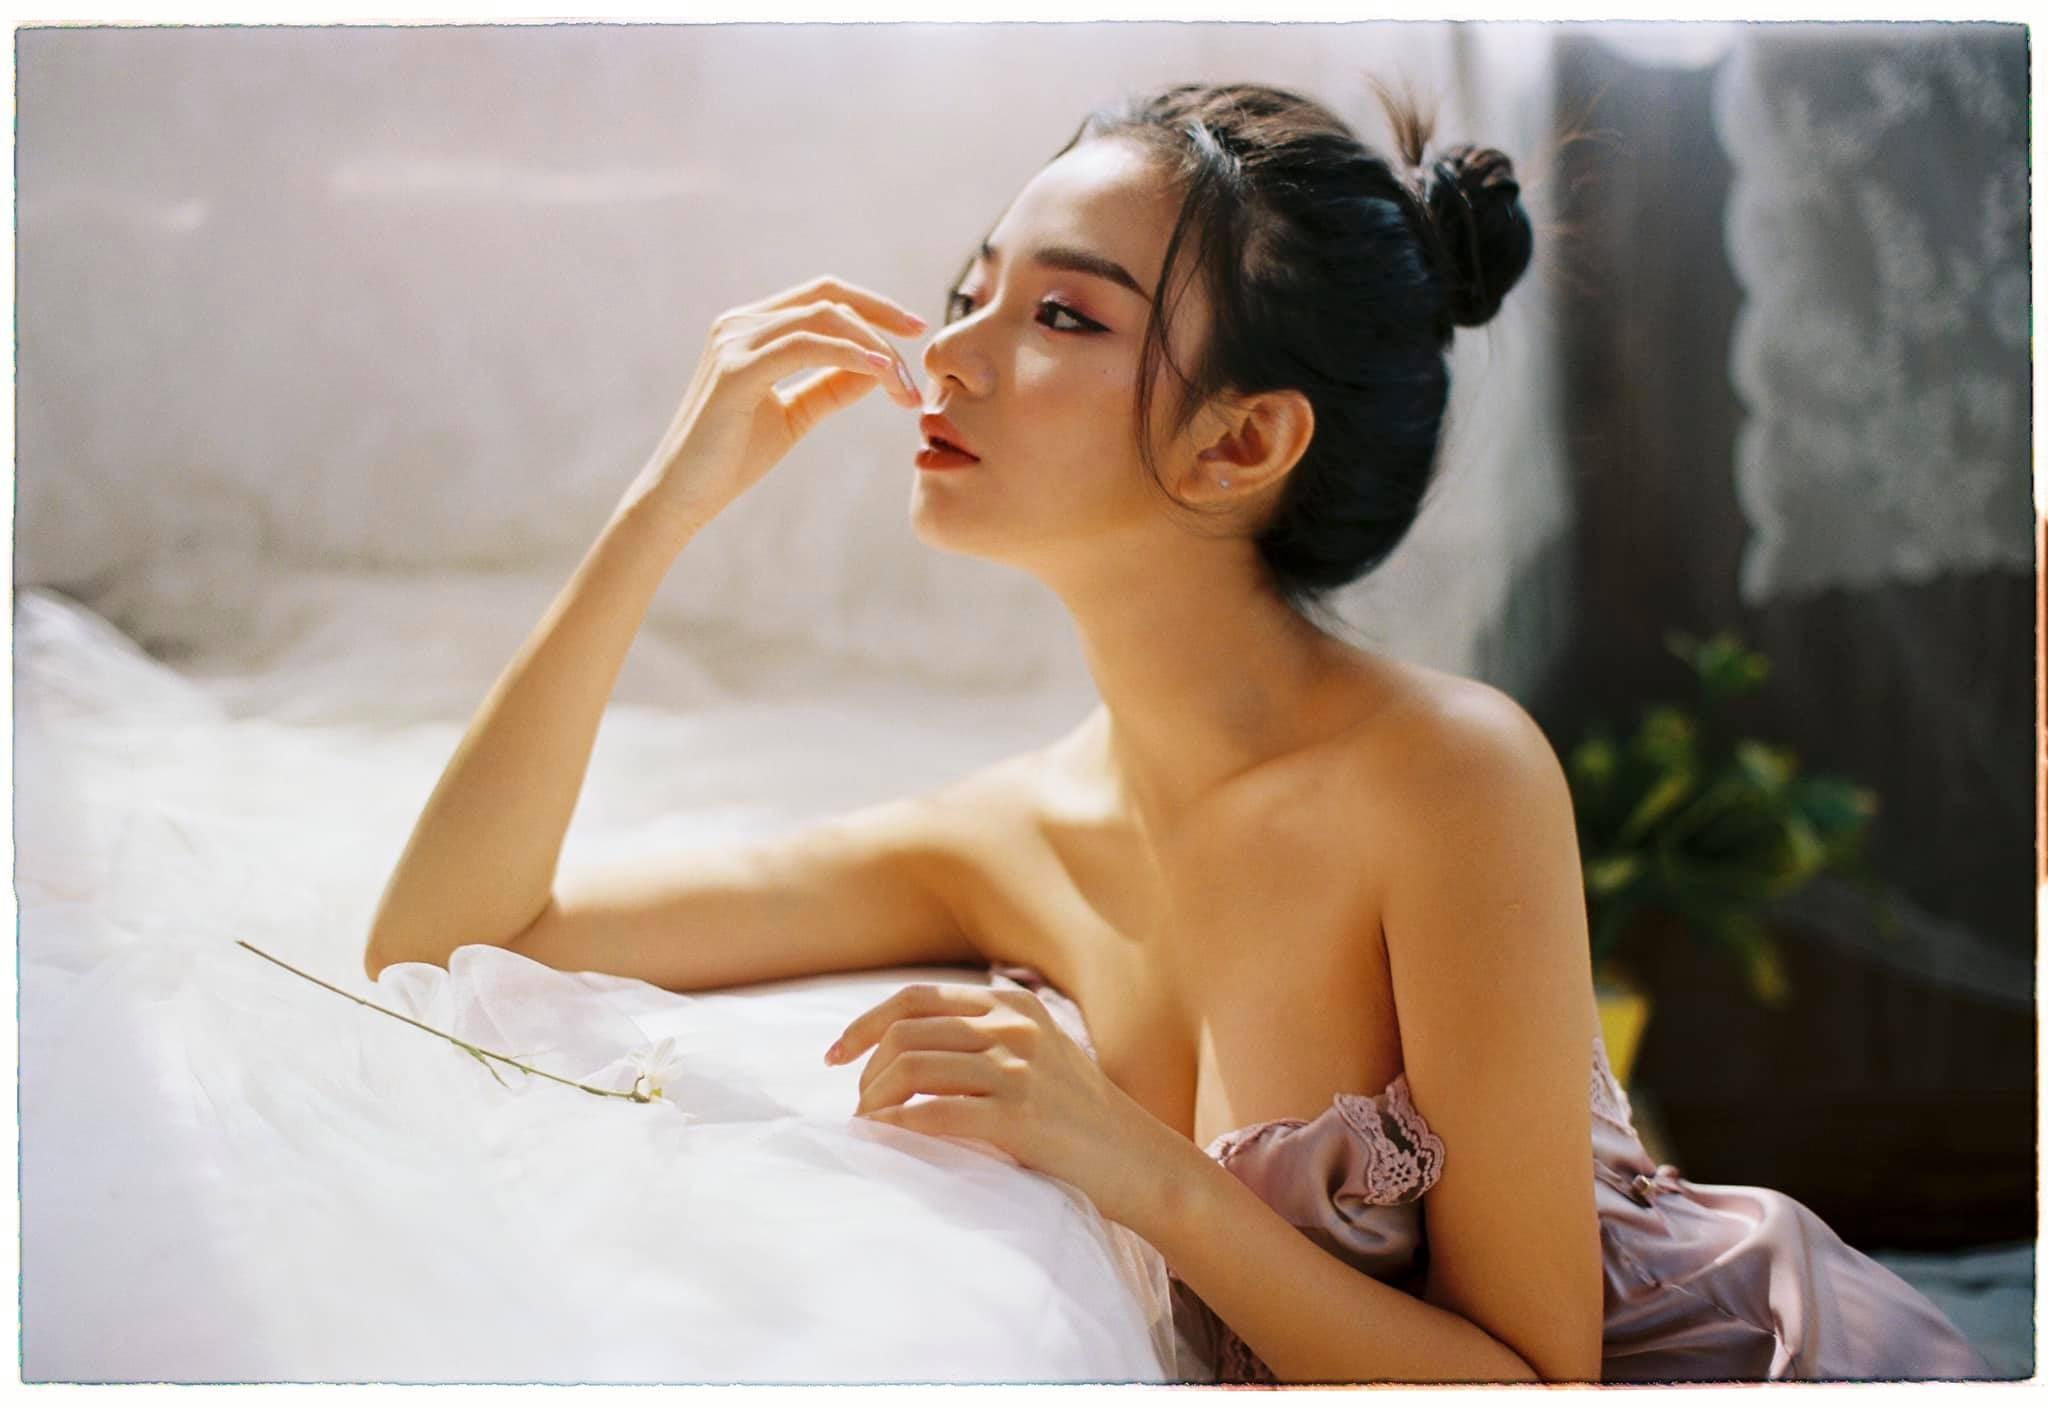 Nữ streamer Vũ Ngọc Kim Chi từng được biết đến với cái tên Chi Củ Cải.